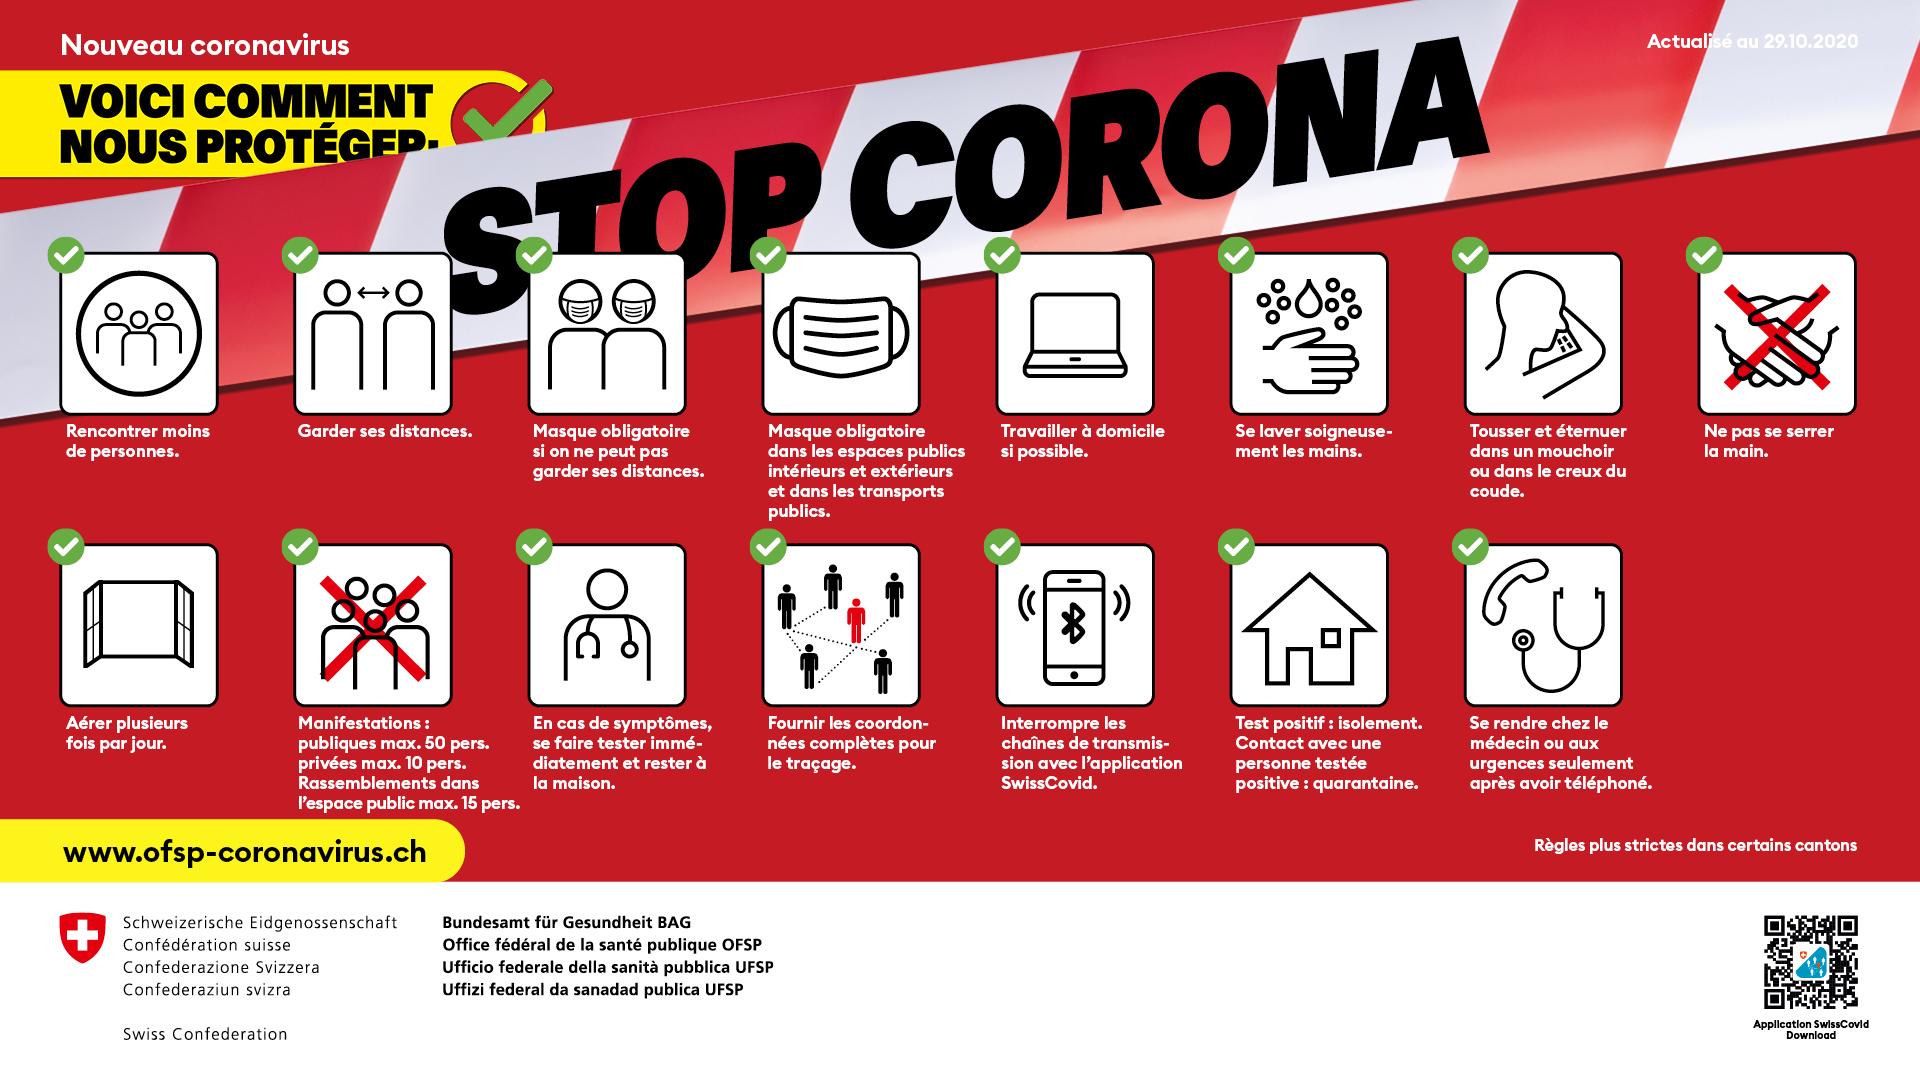 Règles d'hygiène et de conduite. L'Office fédéral de la santé publique recommande des mesures simples pour lutter contre la propagation du nouveau coronavirus.